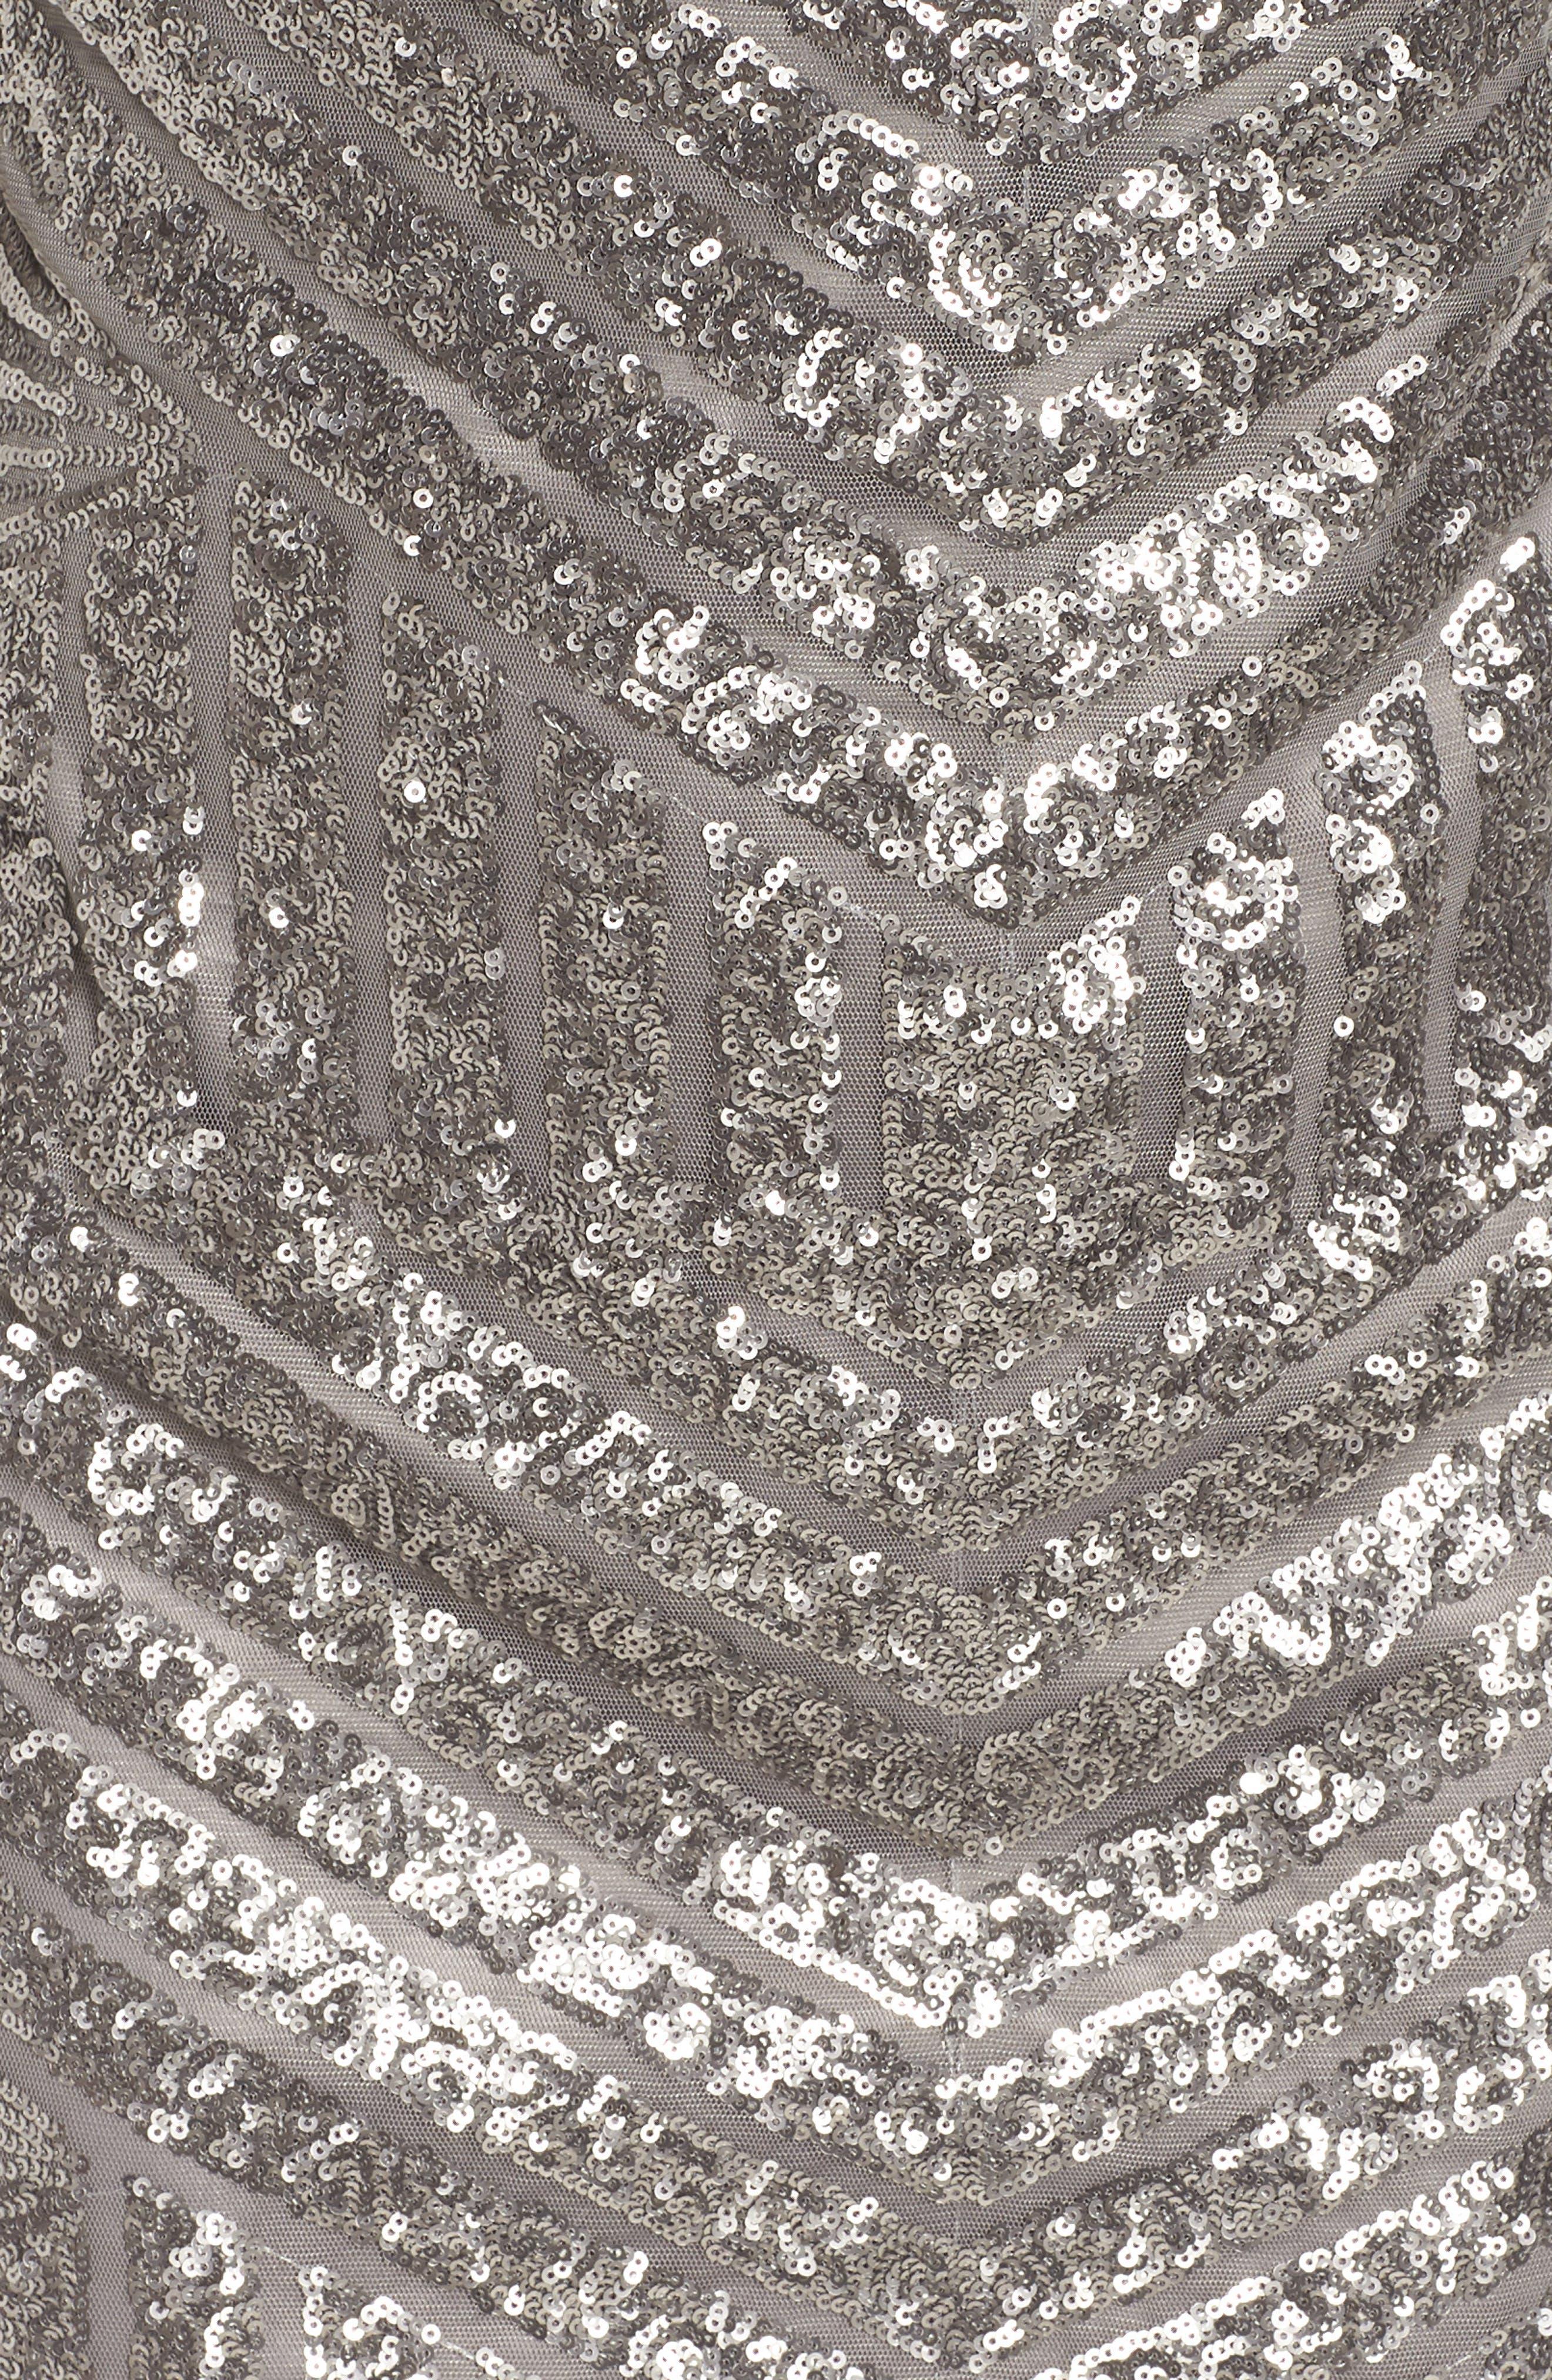 Sequin Embellished Shift Dress,                             Alternate thumbnail 6, color,                             040